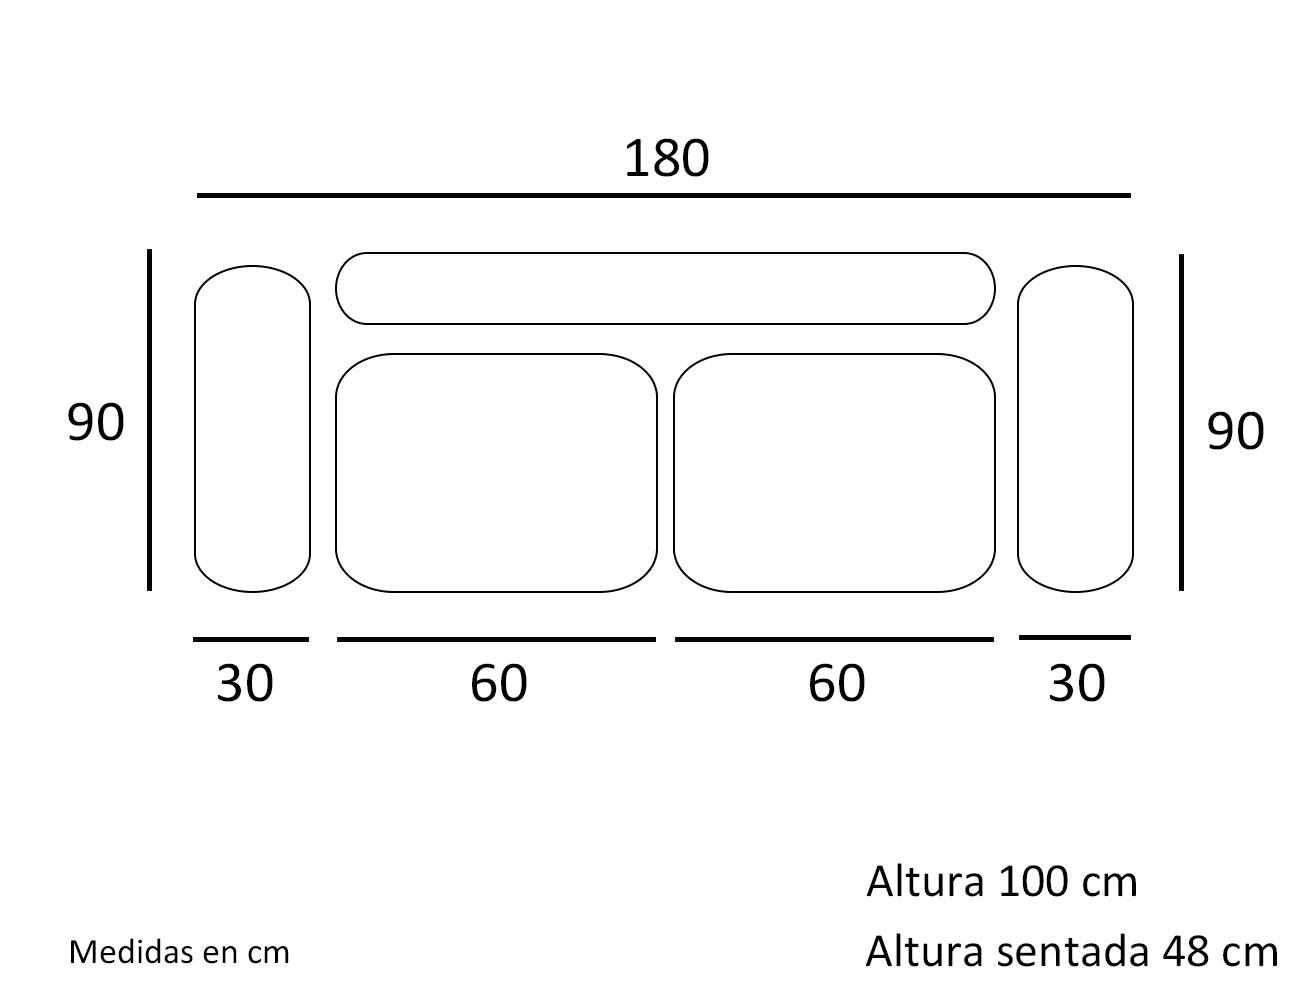 Croquis sofa 3 plazas 180